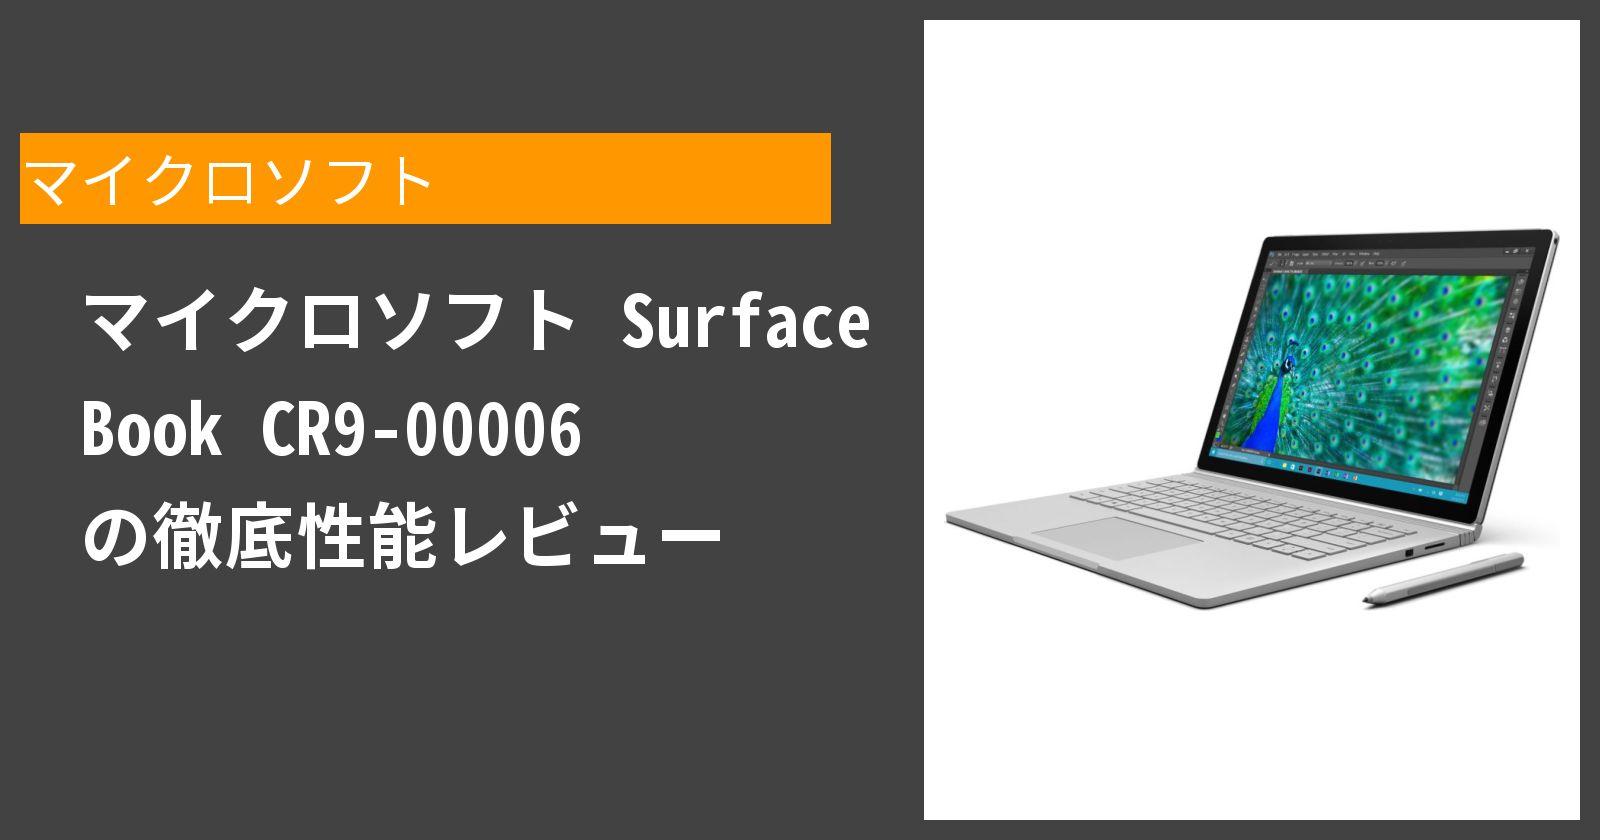 Surface Book CR9-00006 の徹底性能レビュー